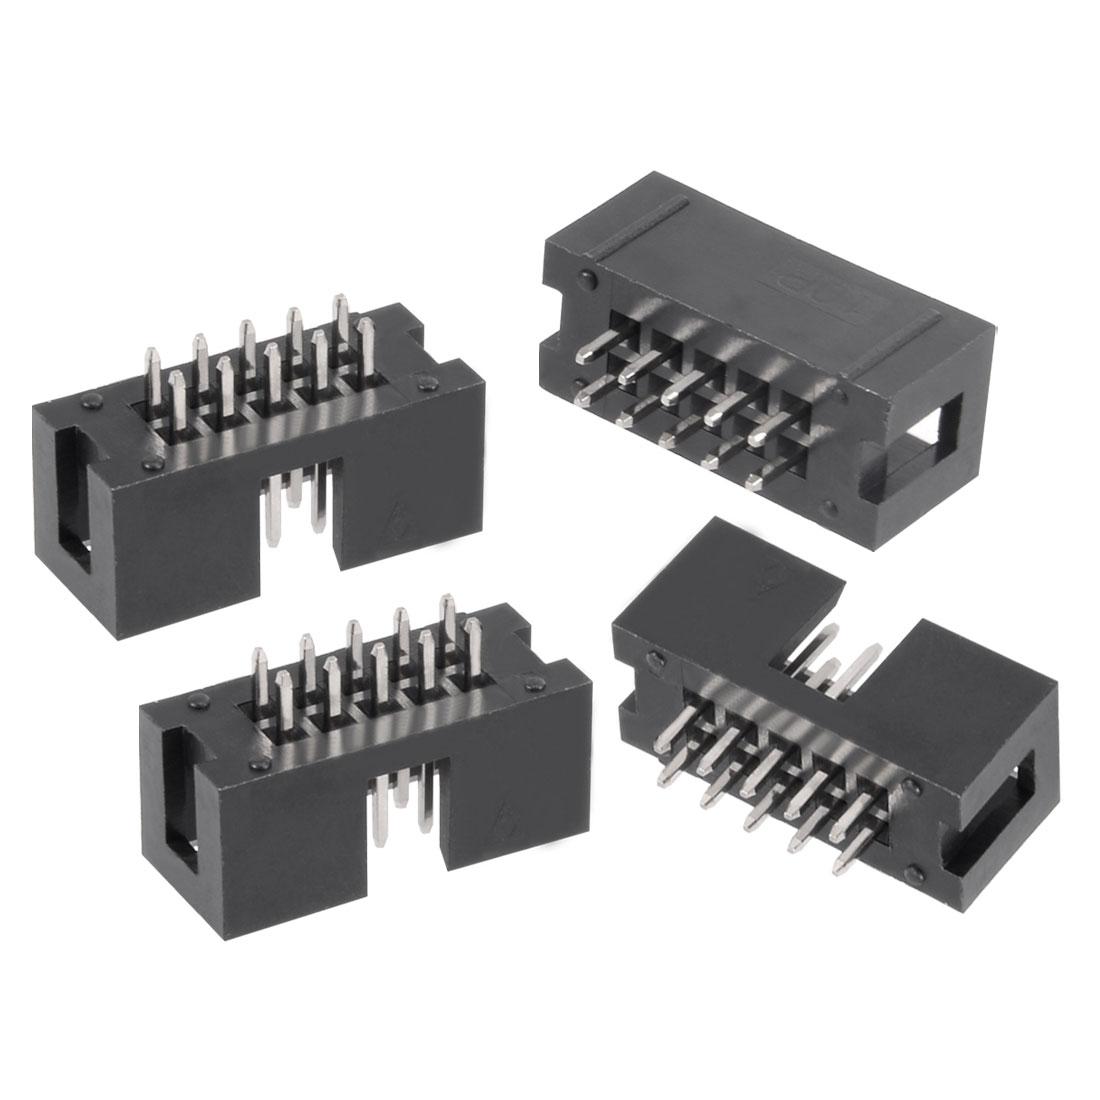 20Pcs 2.54mm Pitch 2x4-Pin / 2x5-Pin 2 Row Straight Box Header Connector PCB Board Socket - image 2 of 2